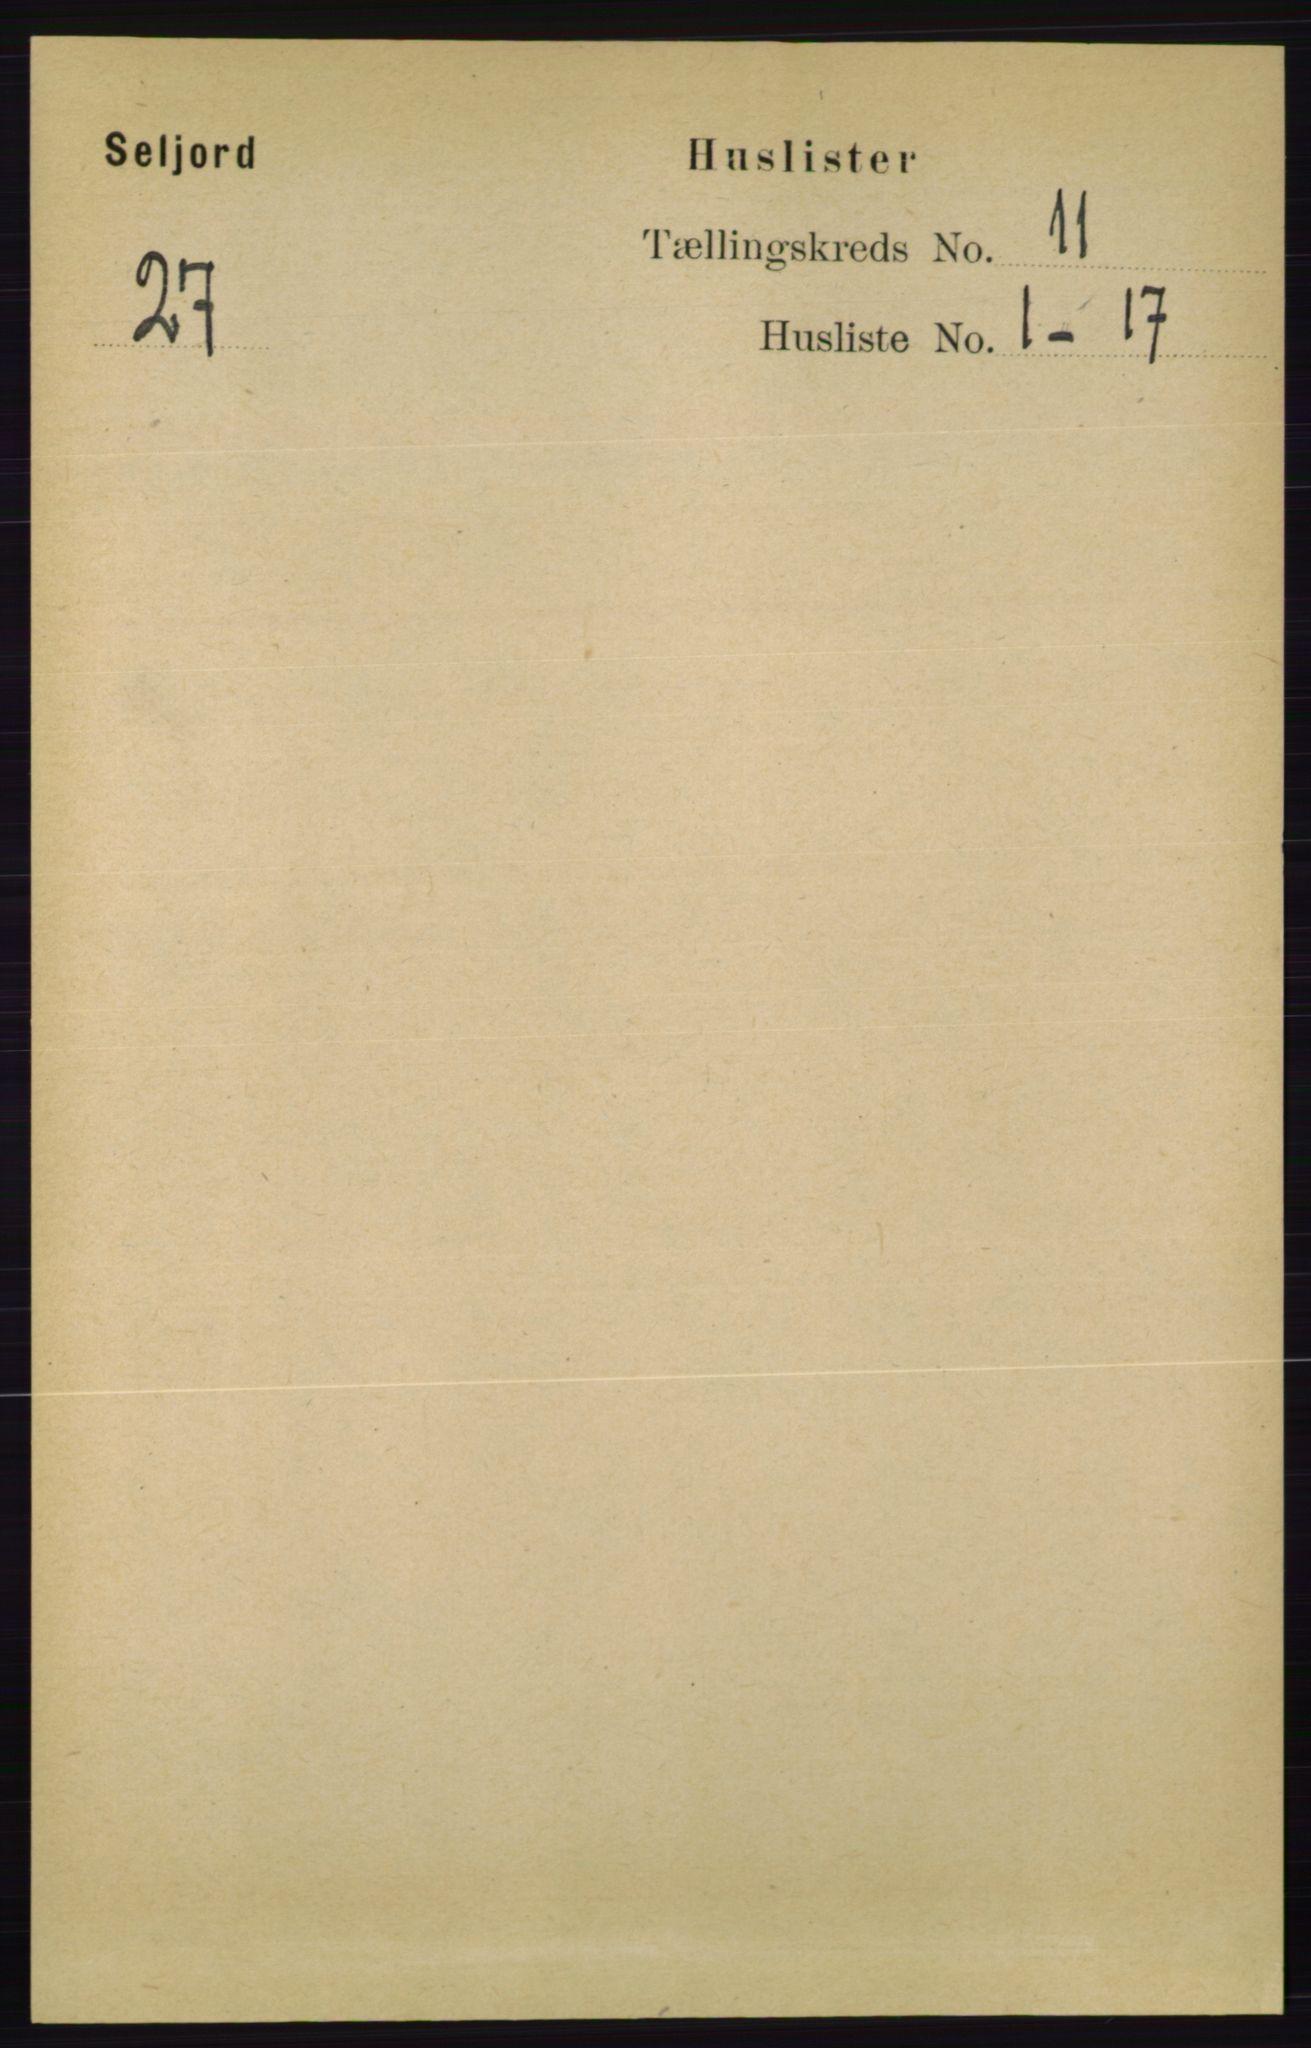 RA, Folketelling 1891 for 0828 Seljord herred, 1891, s. 3761